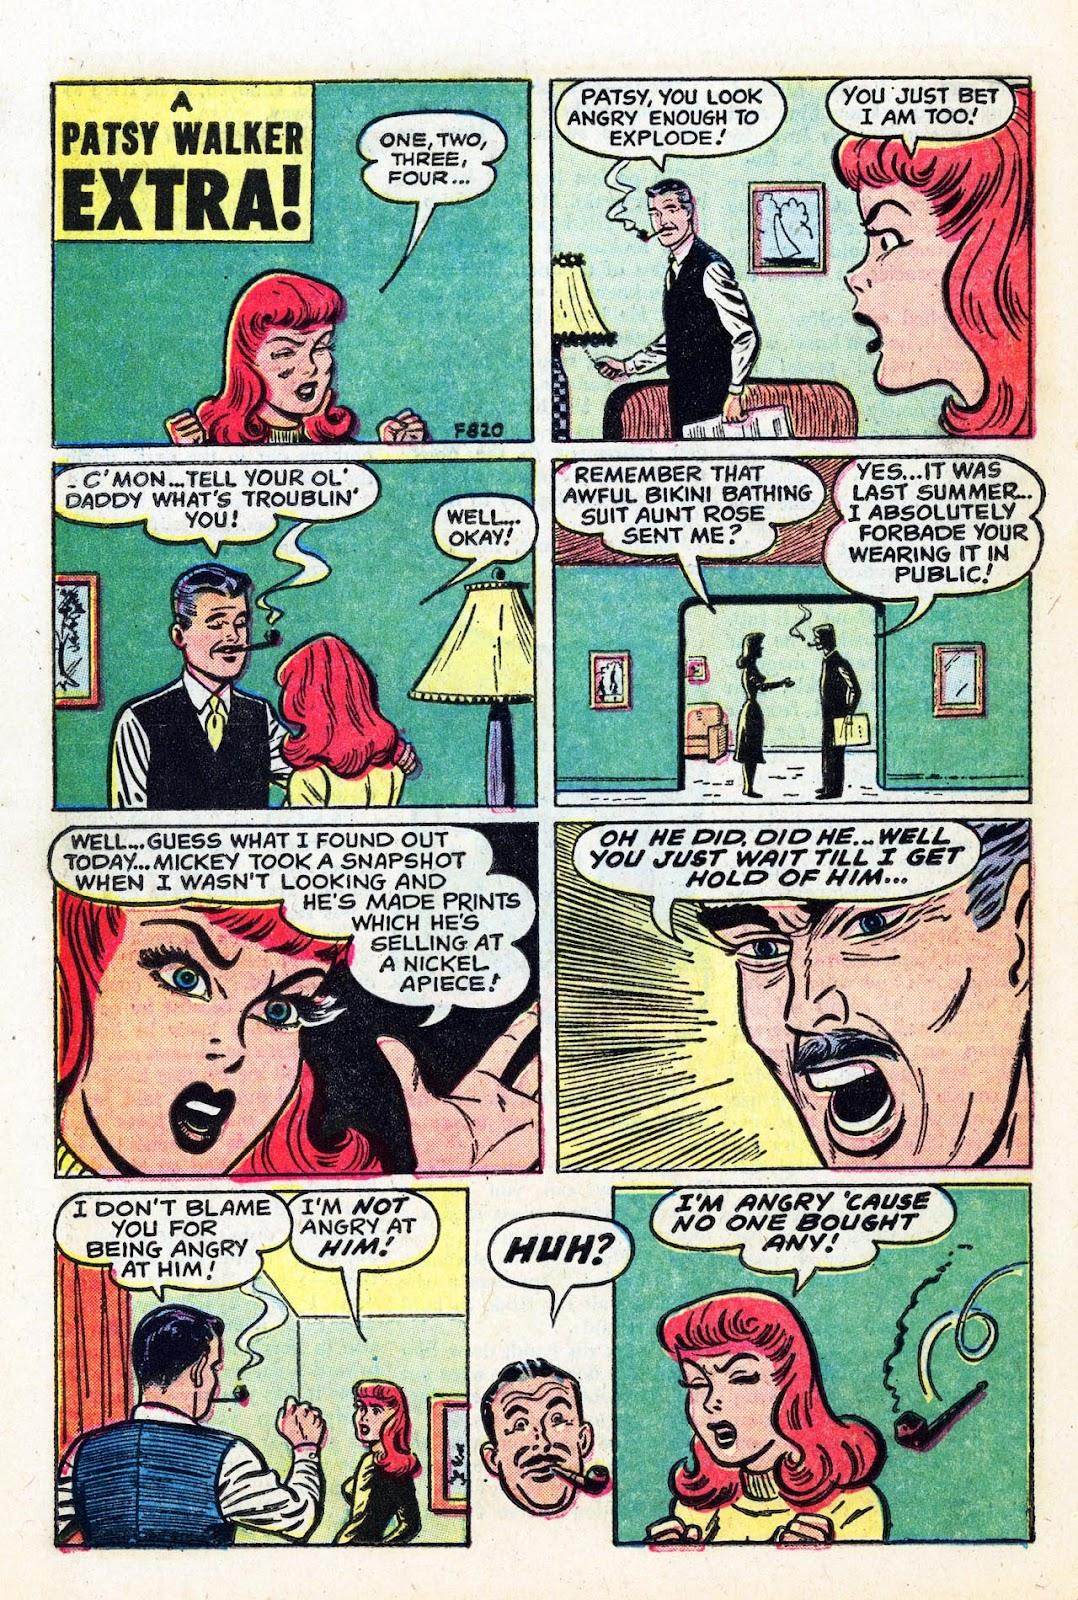 Read online Patsy Walker comic -  Issue #58 - 18